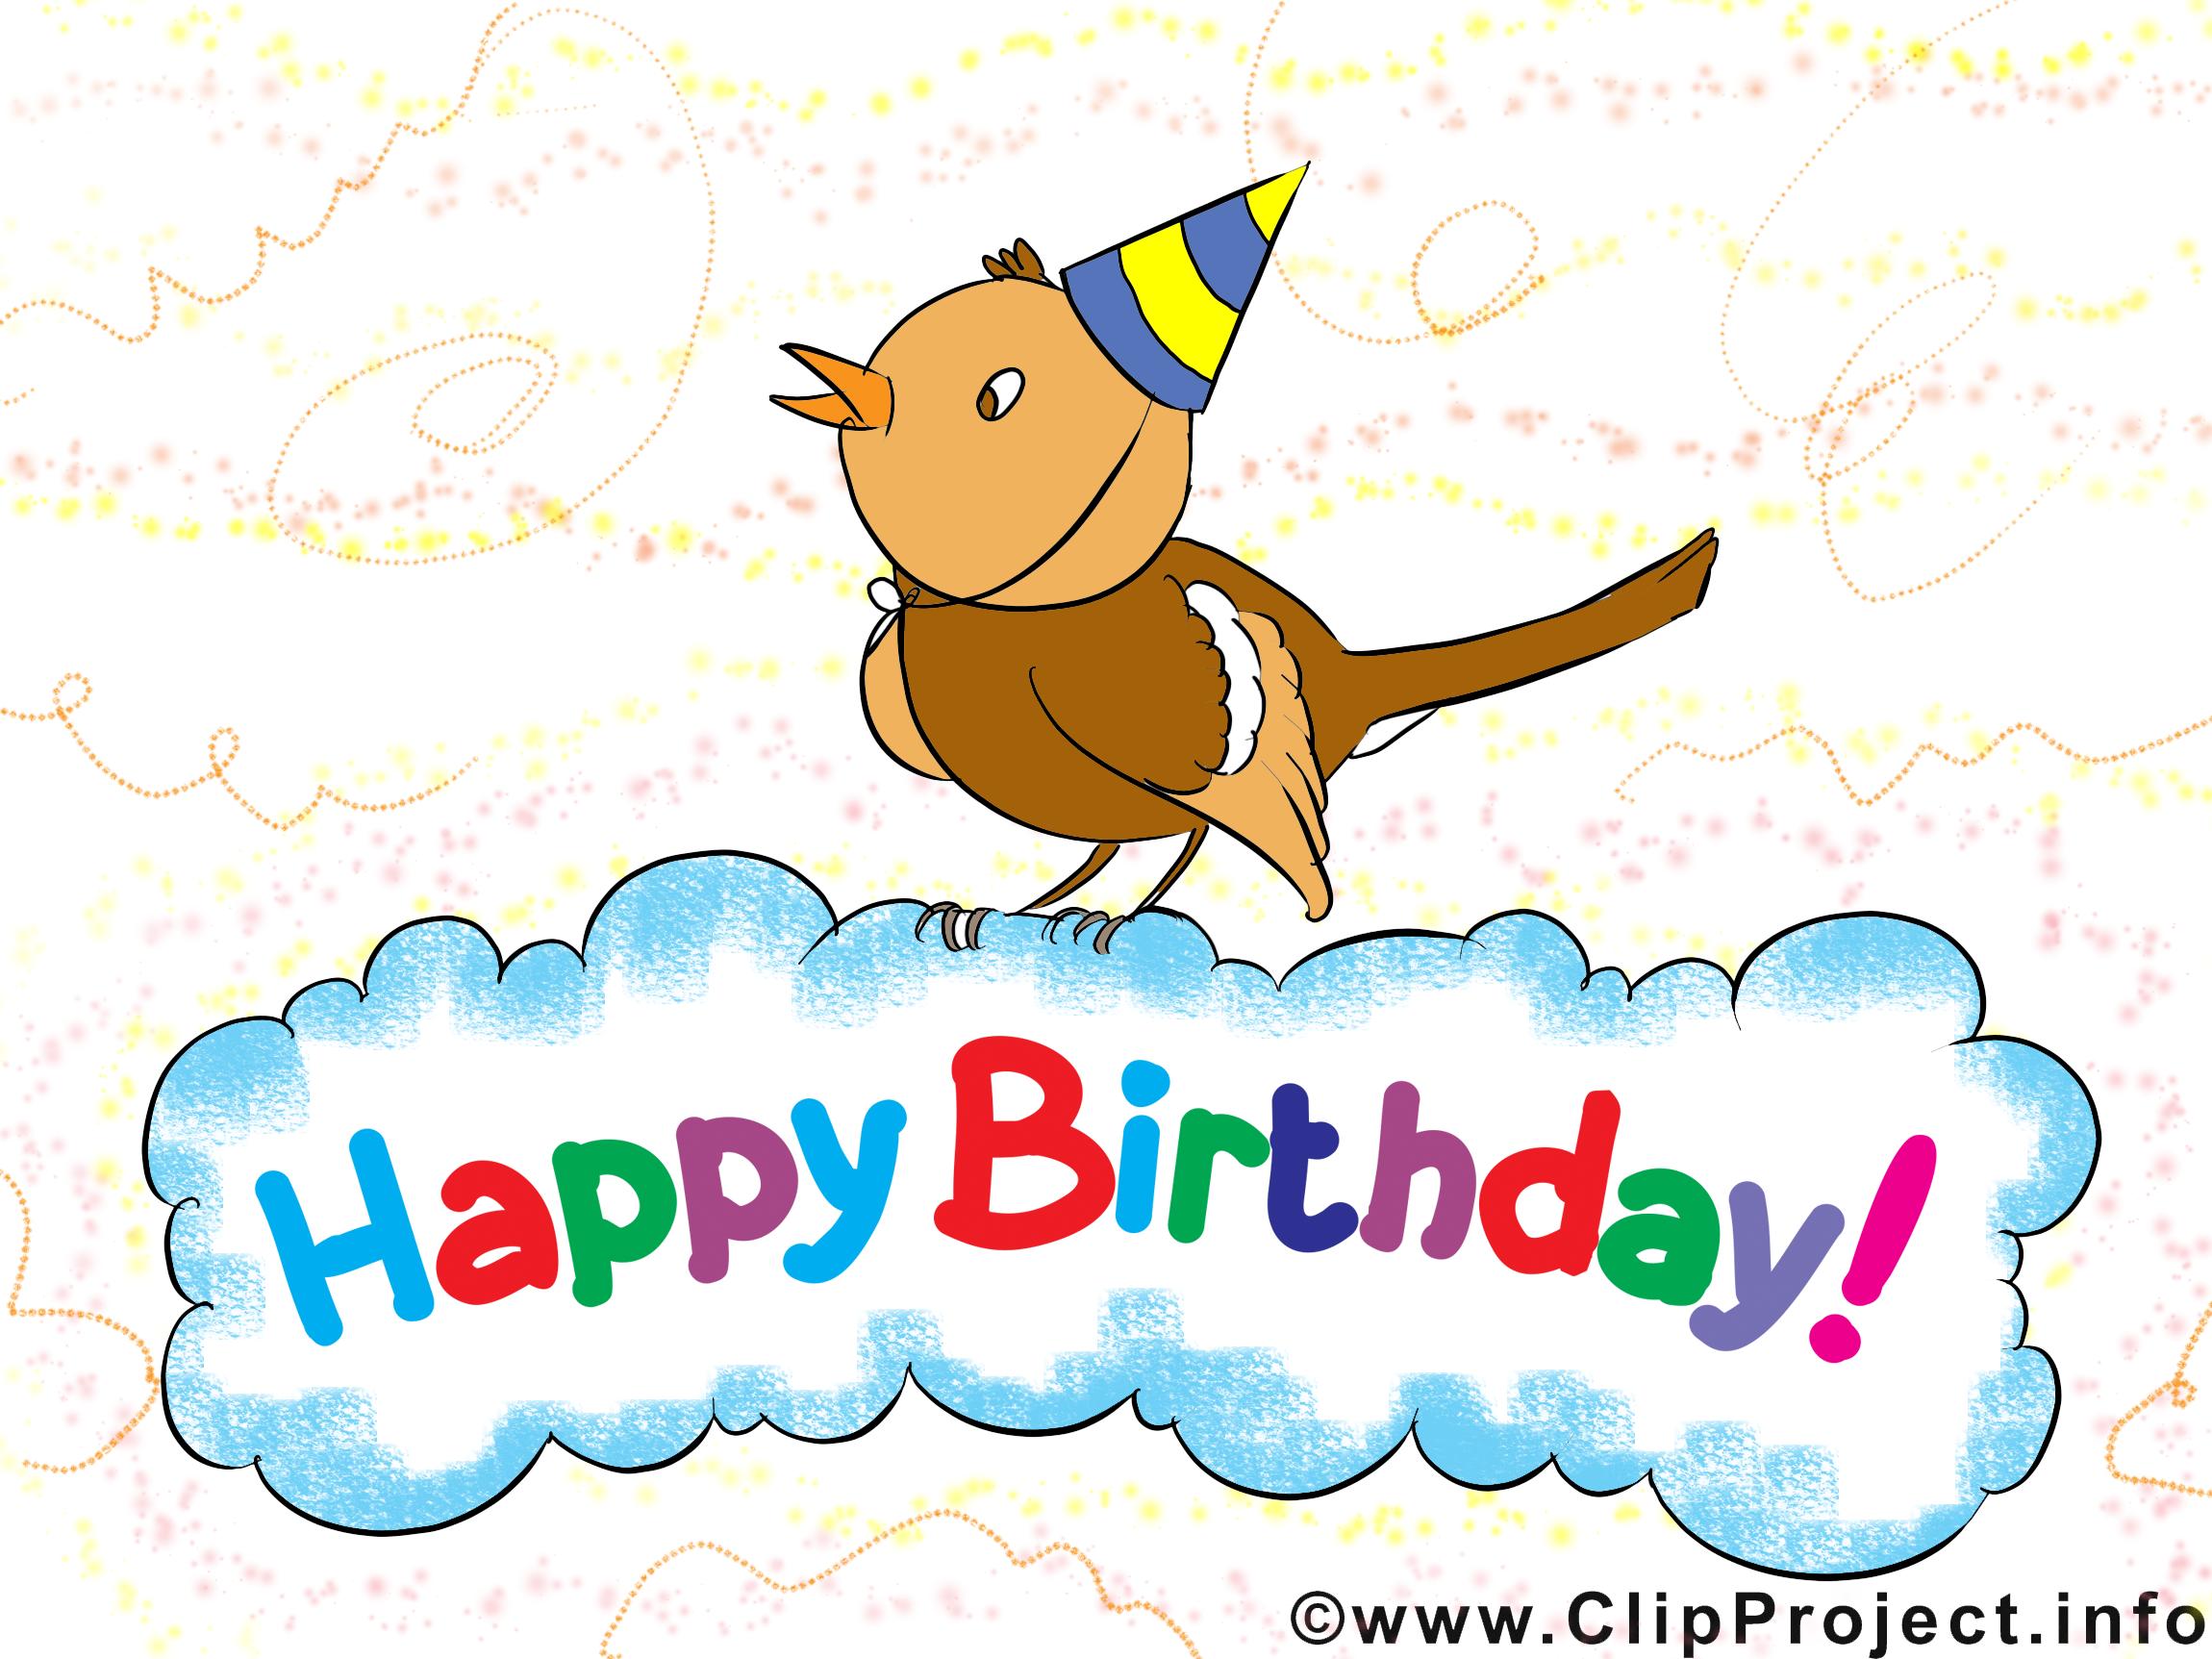 Clipart gratuit anniversaire clipart Joyeux anniversaire images gratuites clipart | anniversaire ... clipart